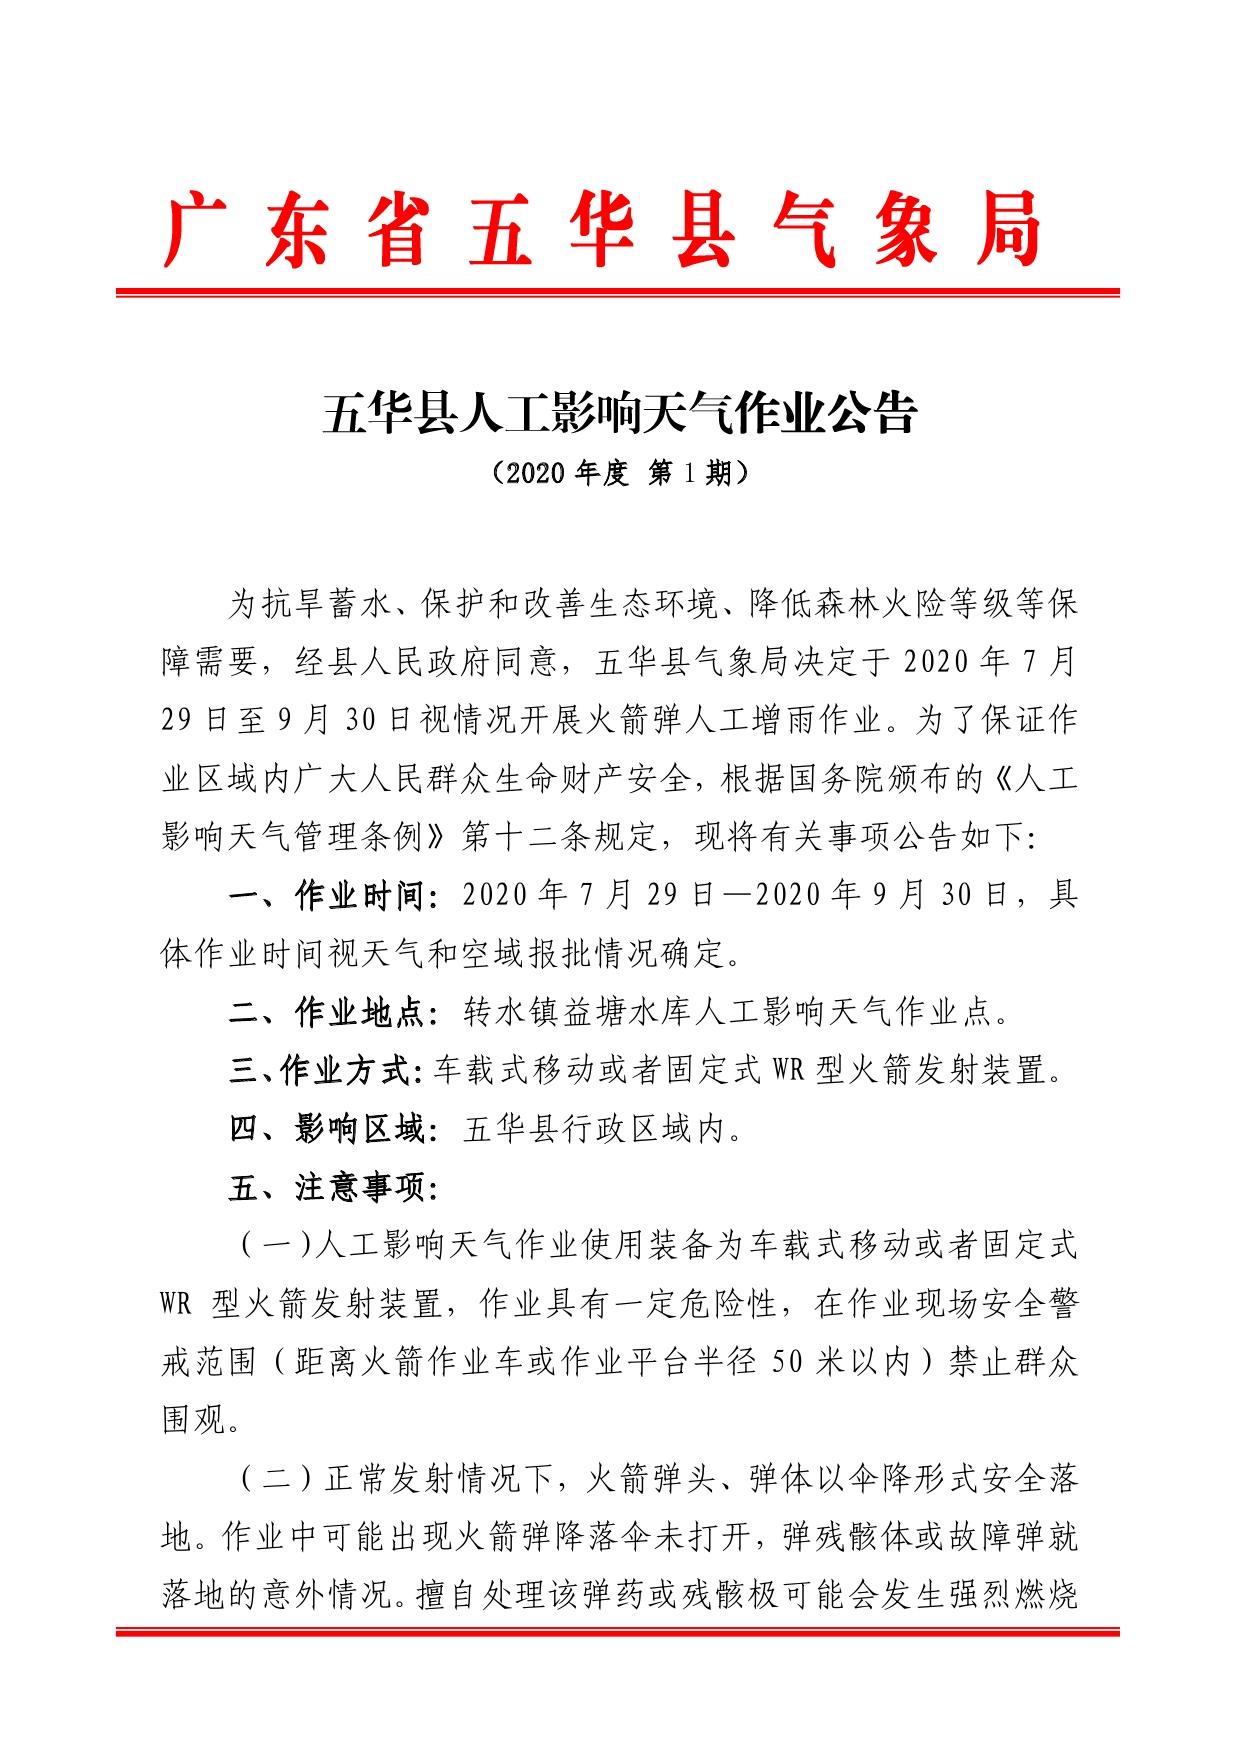 五华县人工影响天气作业公告20200000.jpg